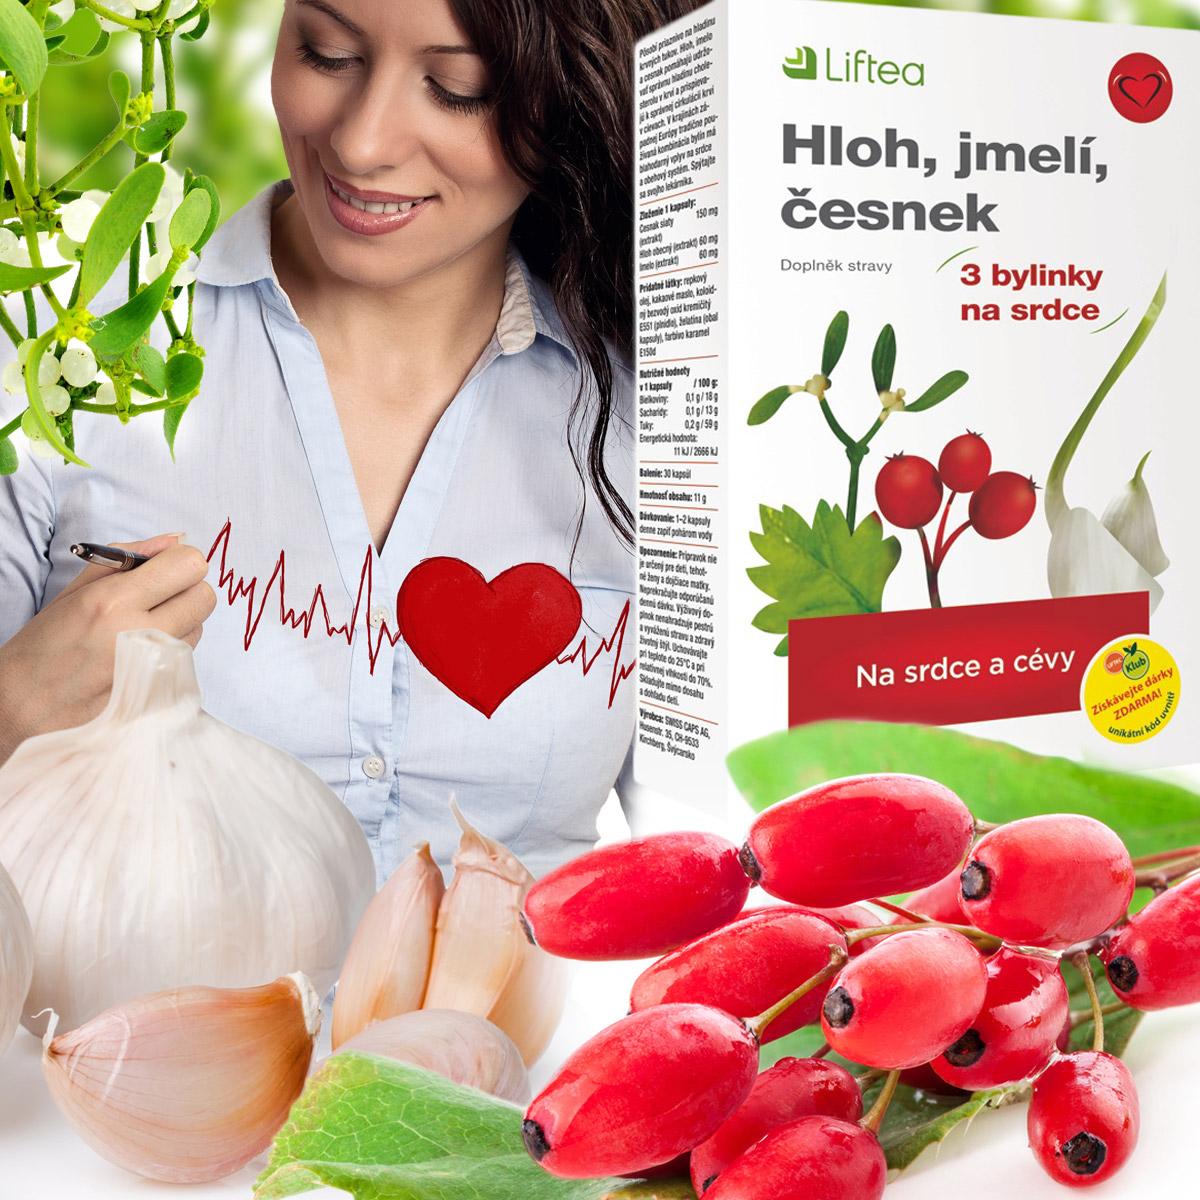 Liftea Hloh, jmelí, česnek je doplněk stravy nejen pro unavené srdce!